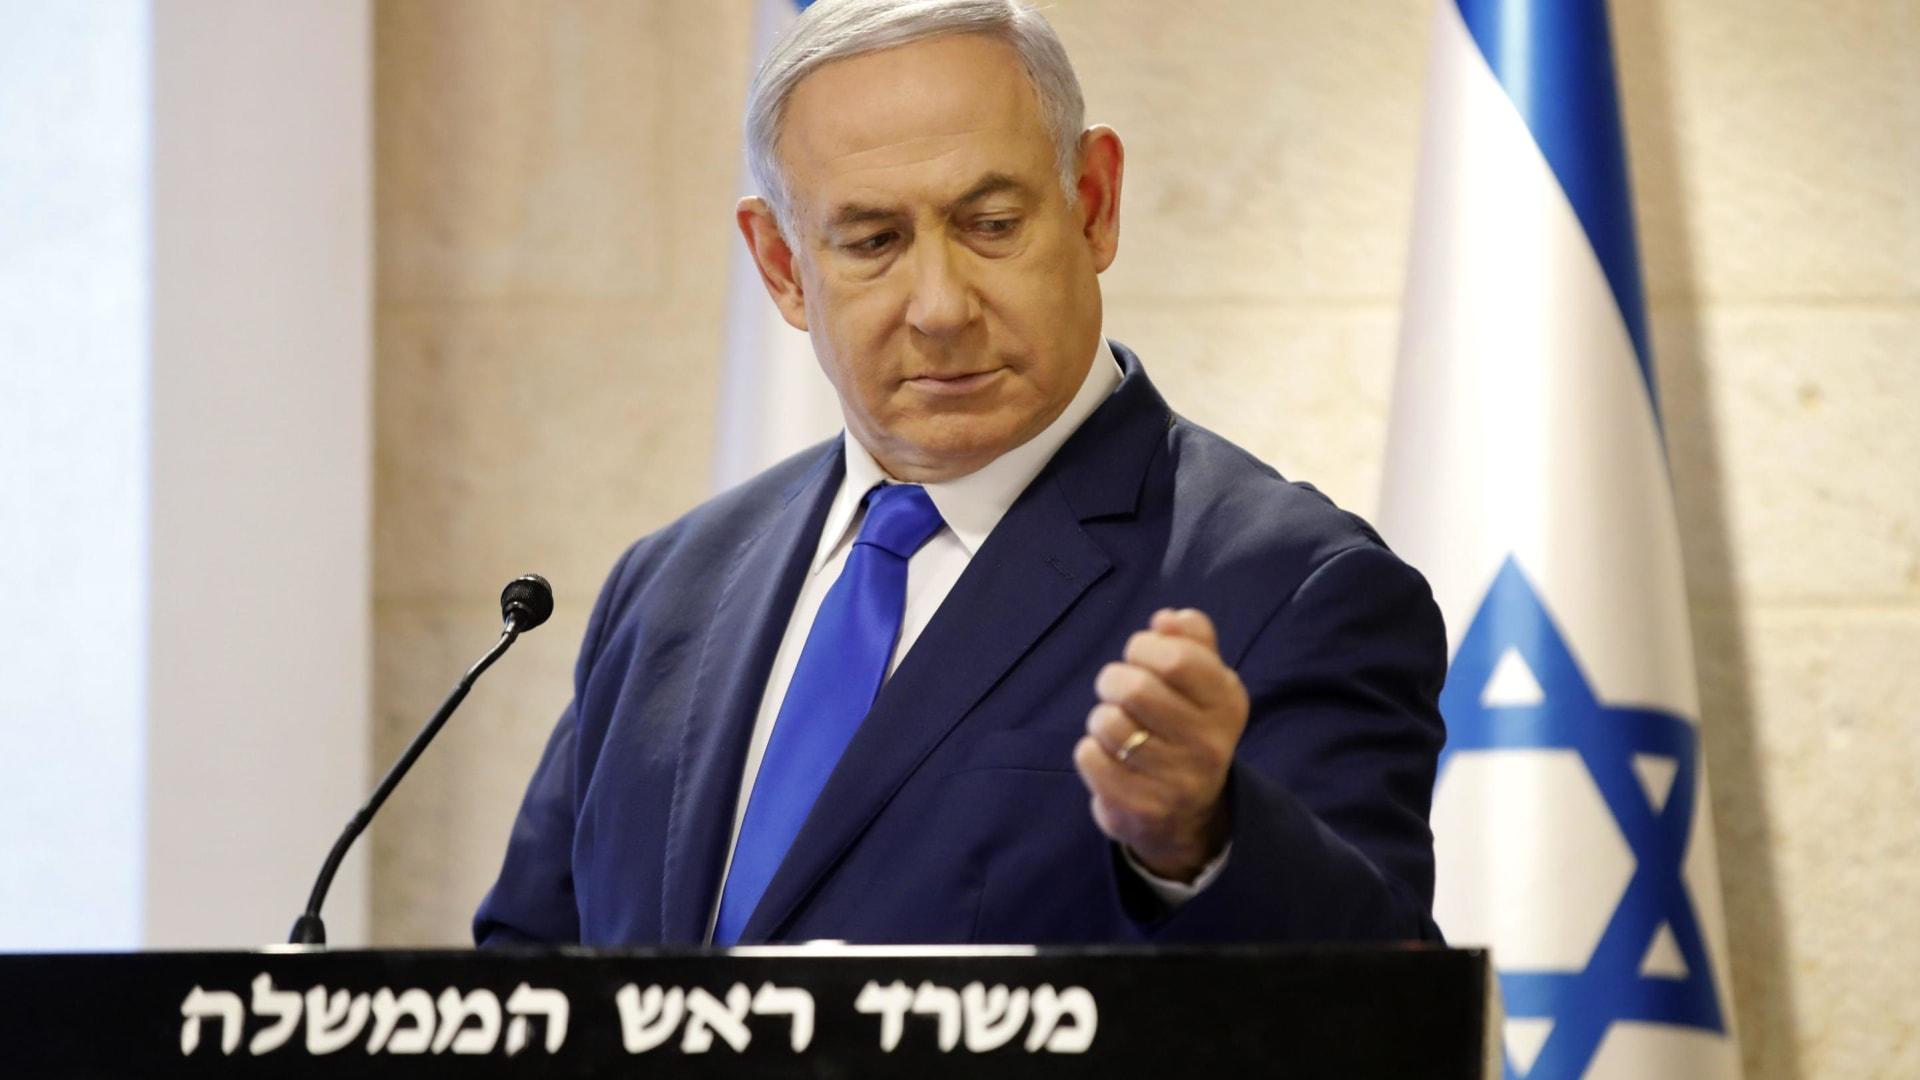 من هو بنيامين نتنياهو وكيف شكل إسرائيل الحديثة؟